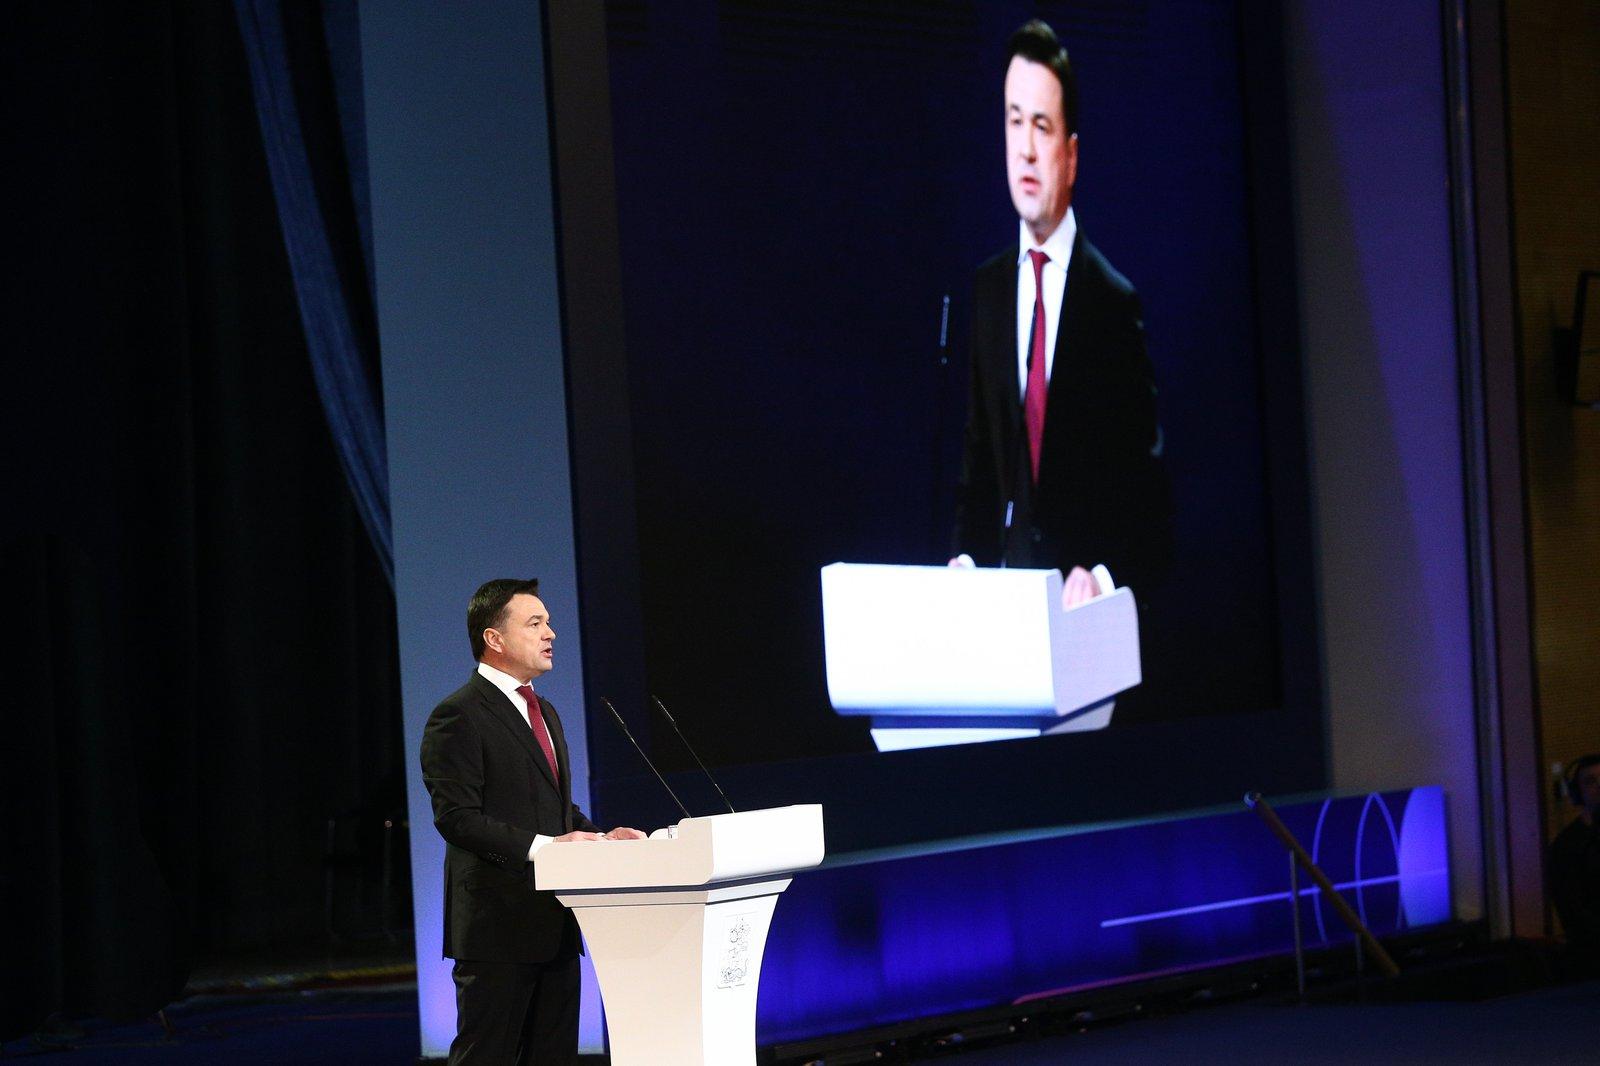 Андрей Воробьев губернатор московской области - С жильем и без раздражения — меняем строительную отрасль в области